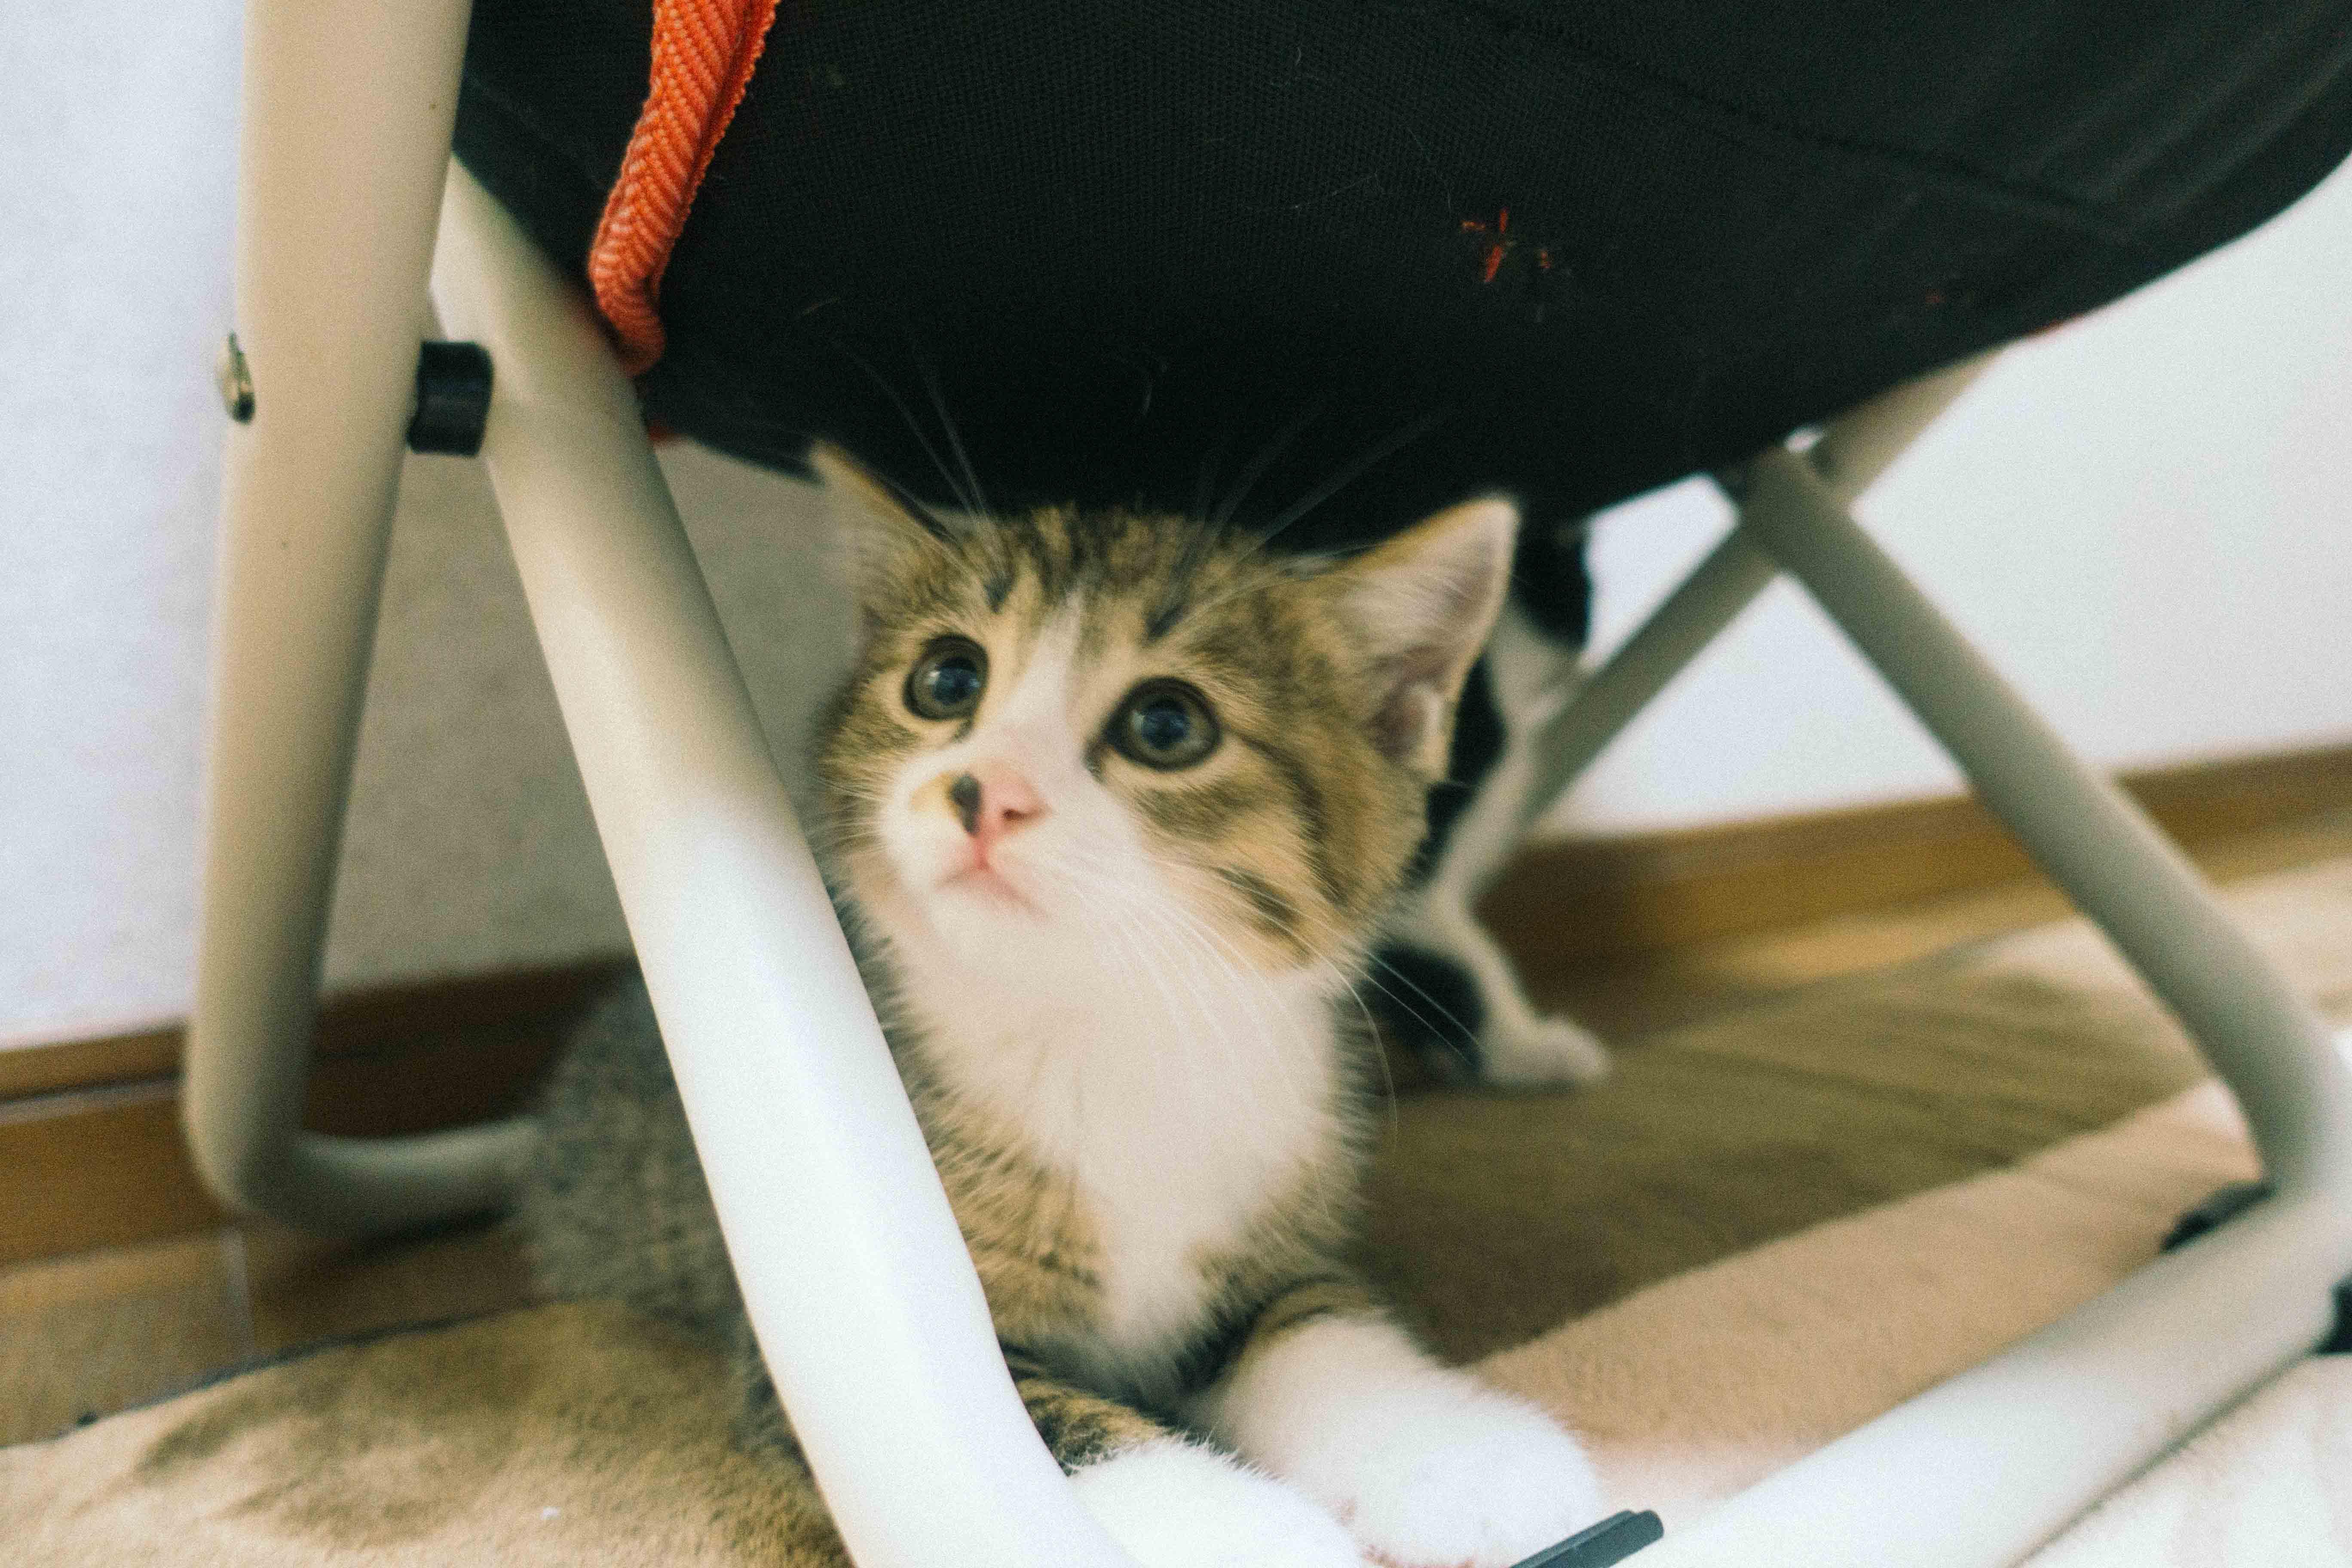 椅子の下の子猫